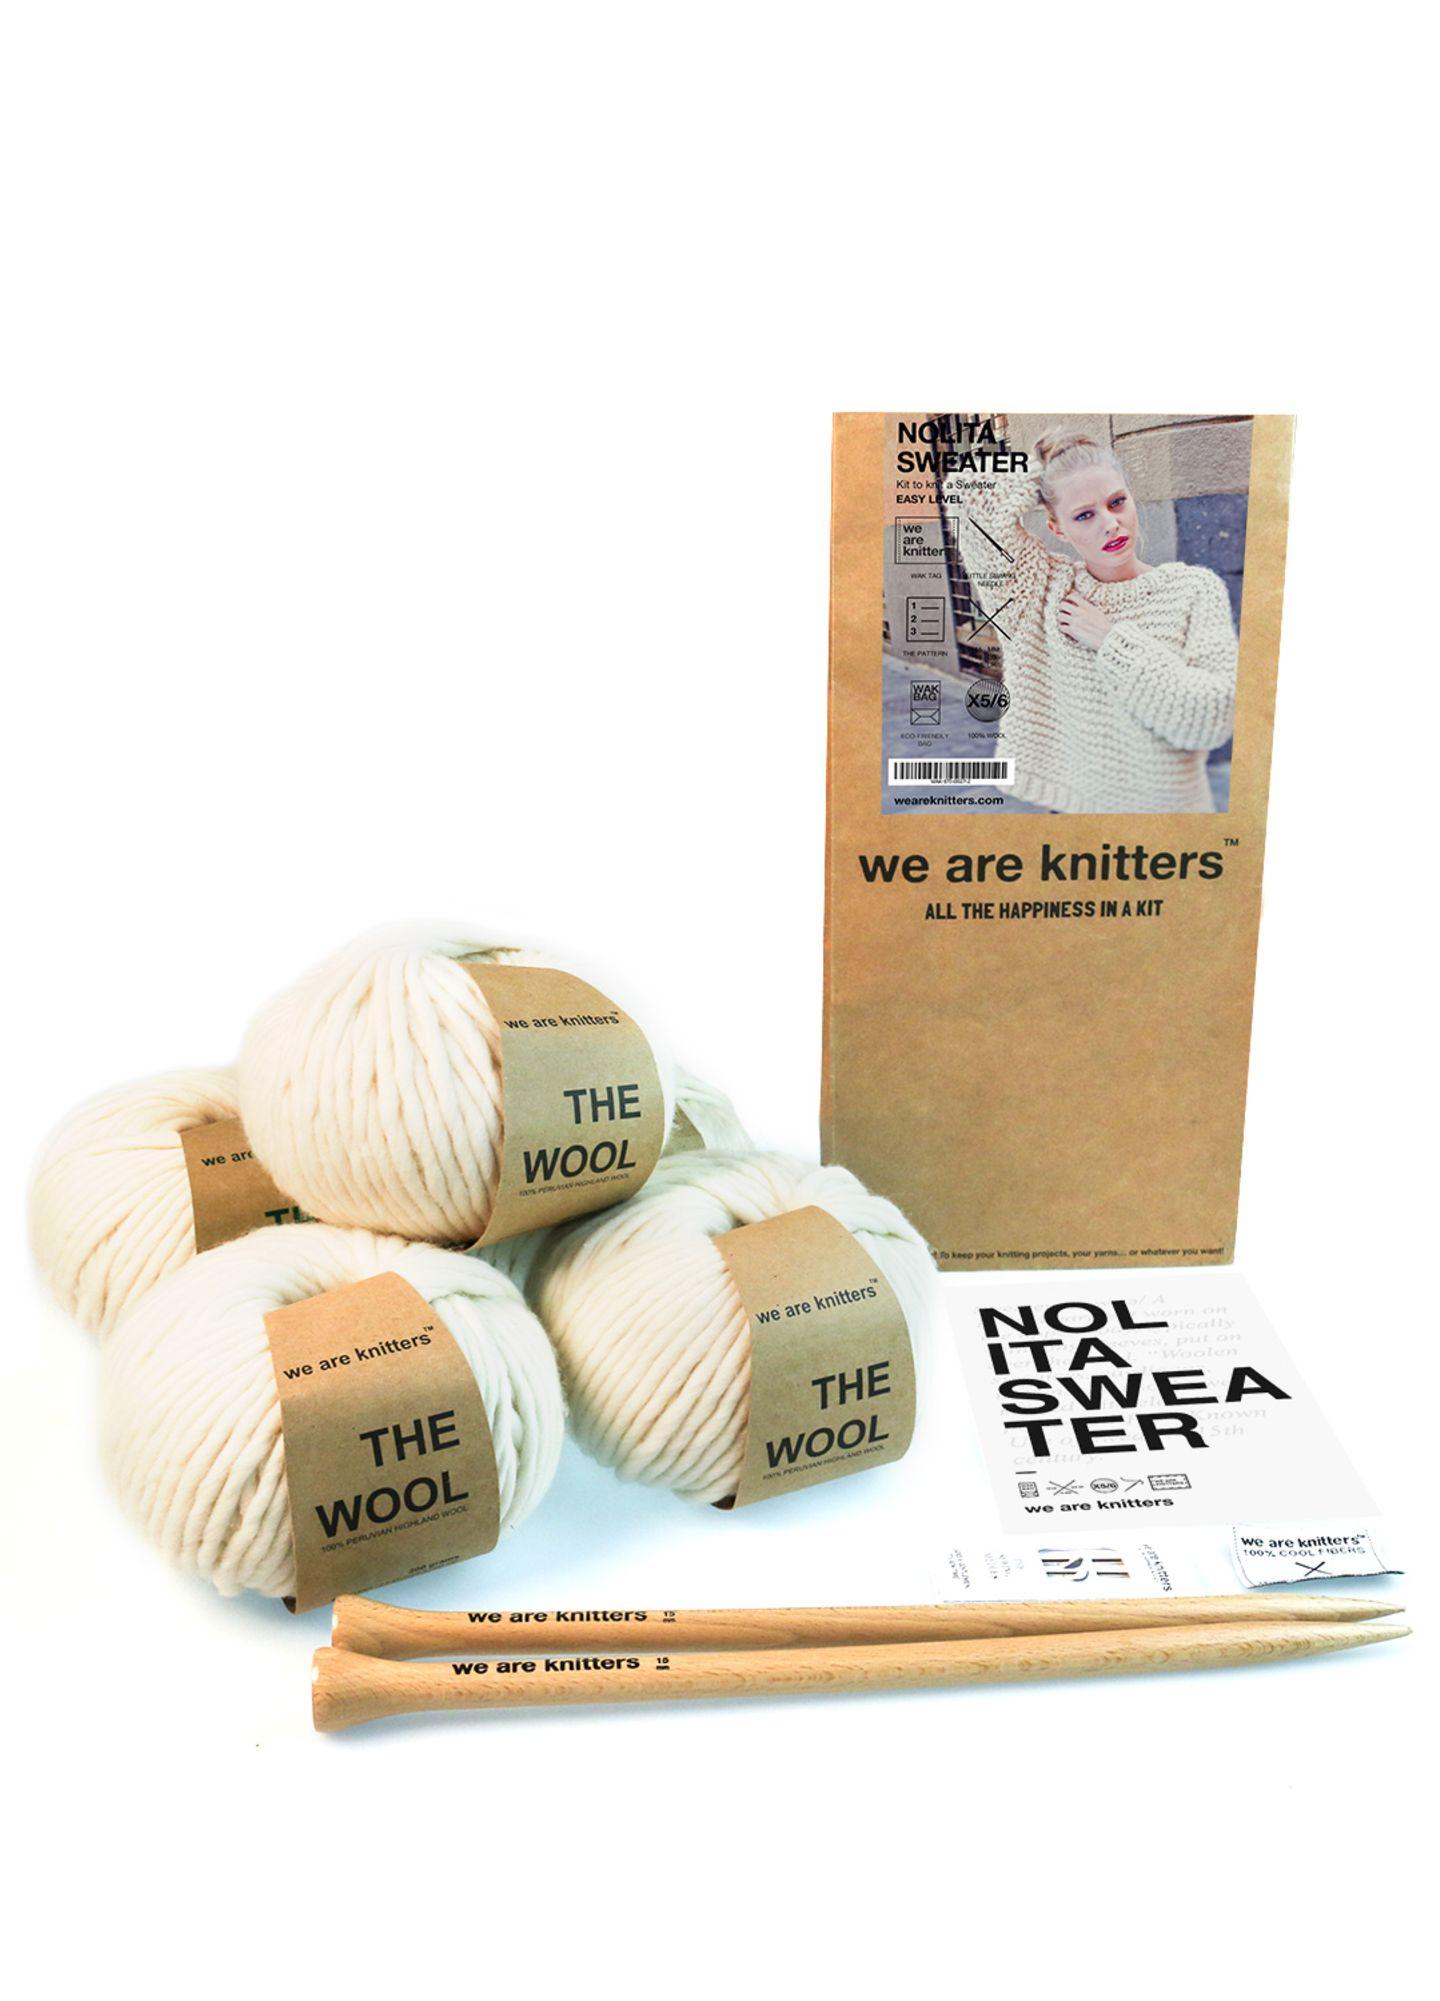 Weihnachtsgeschenke für die Mutter: Strick-Set von We are Knitters